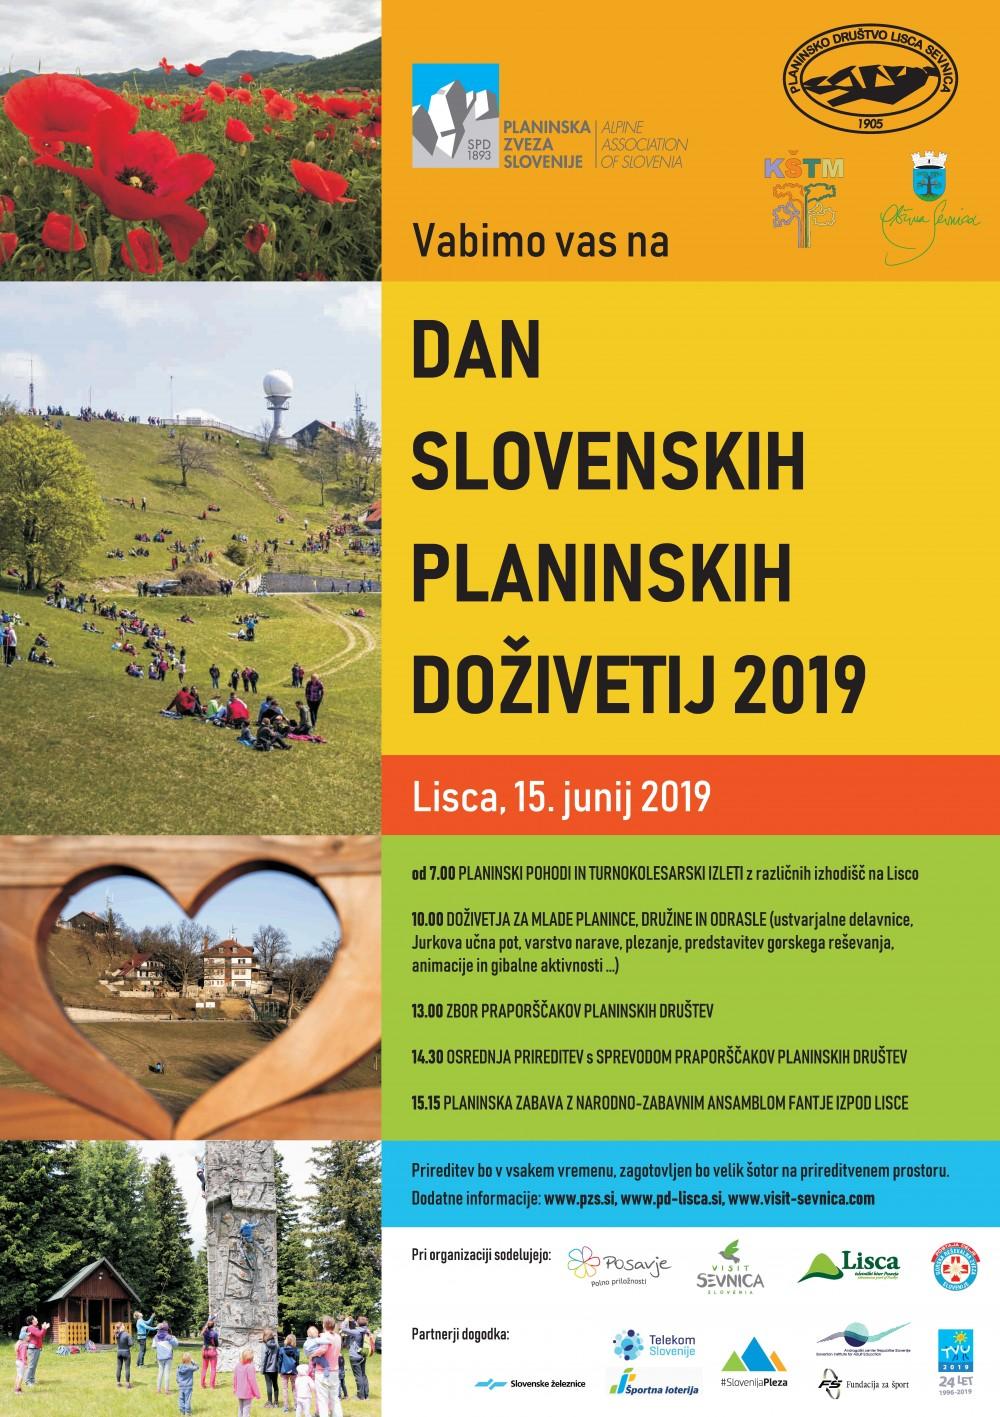 Dan slovenskih planinskih doživetij 2019